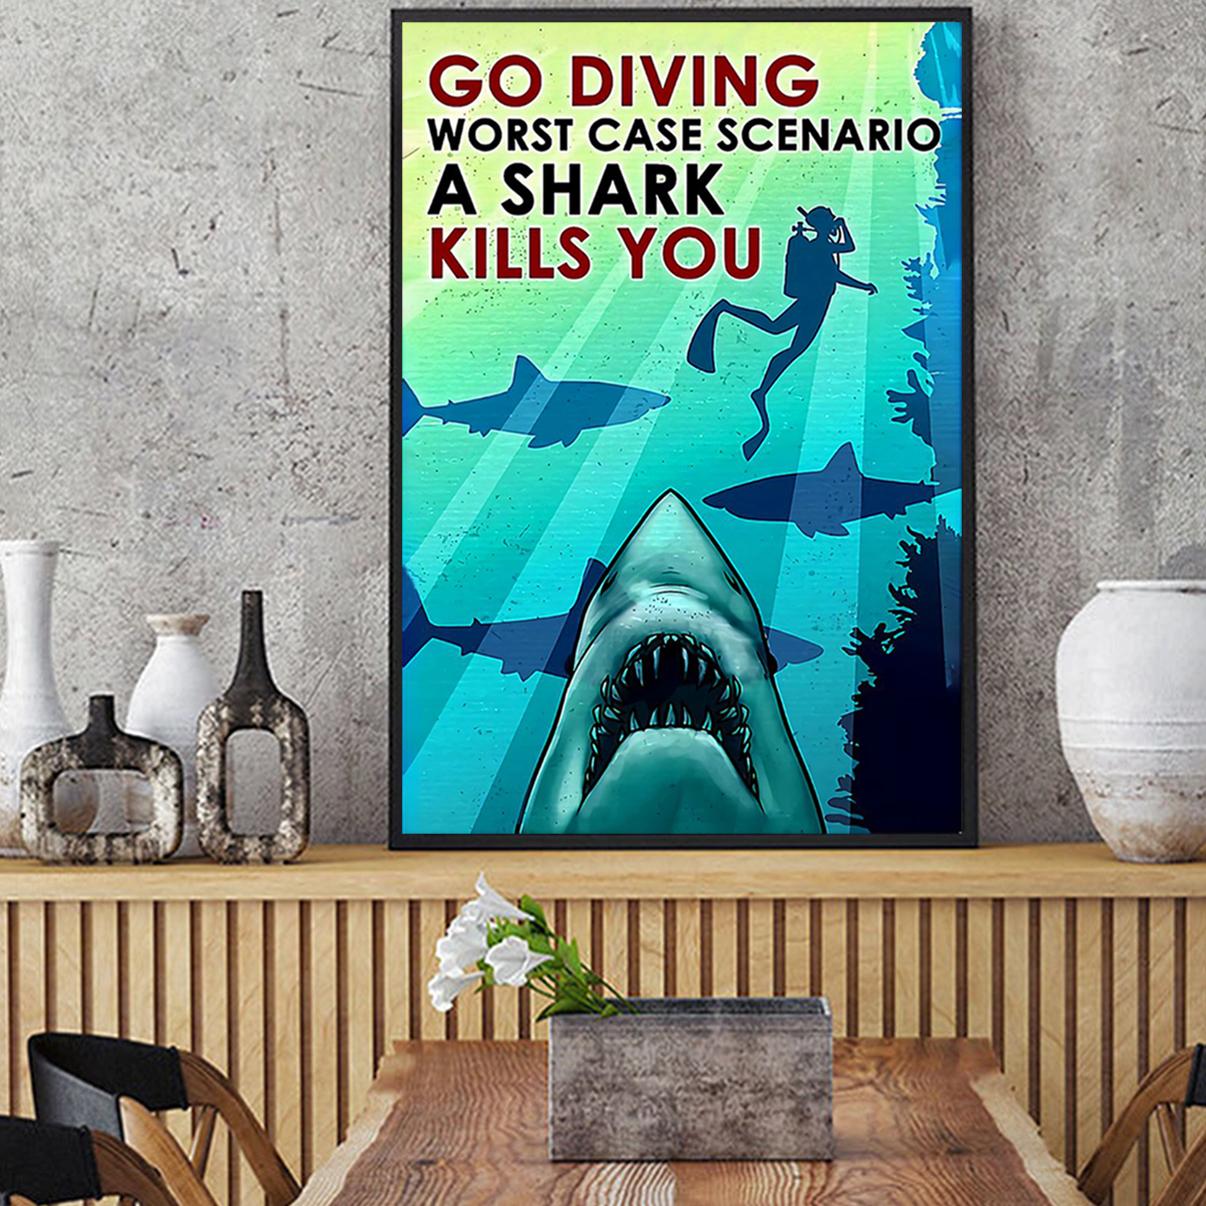 Scuba diving Go diving worst case scenario a shark kills you poster A2